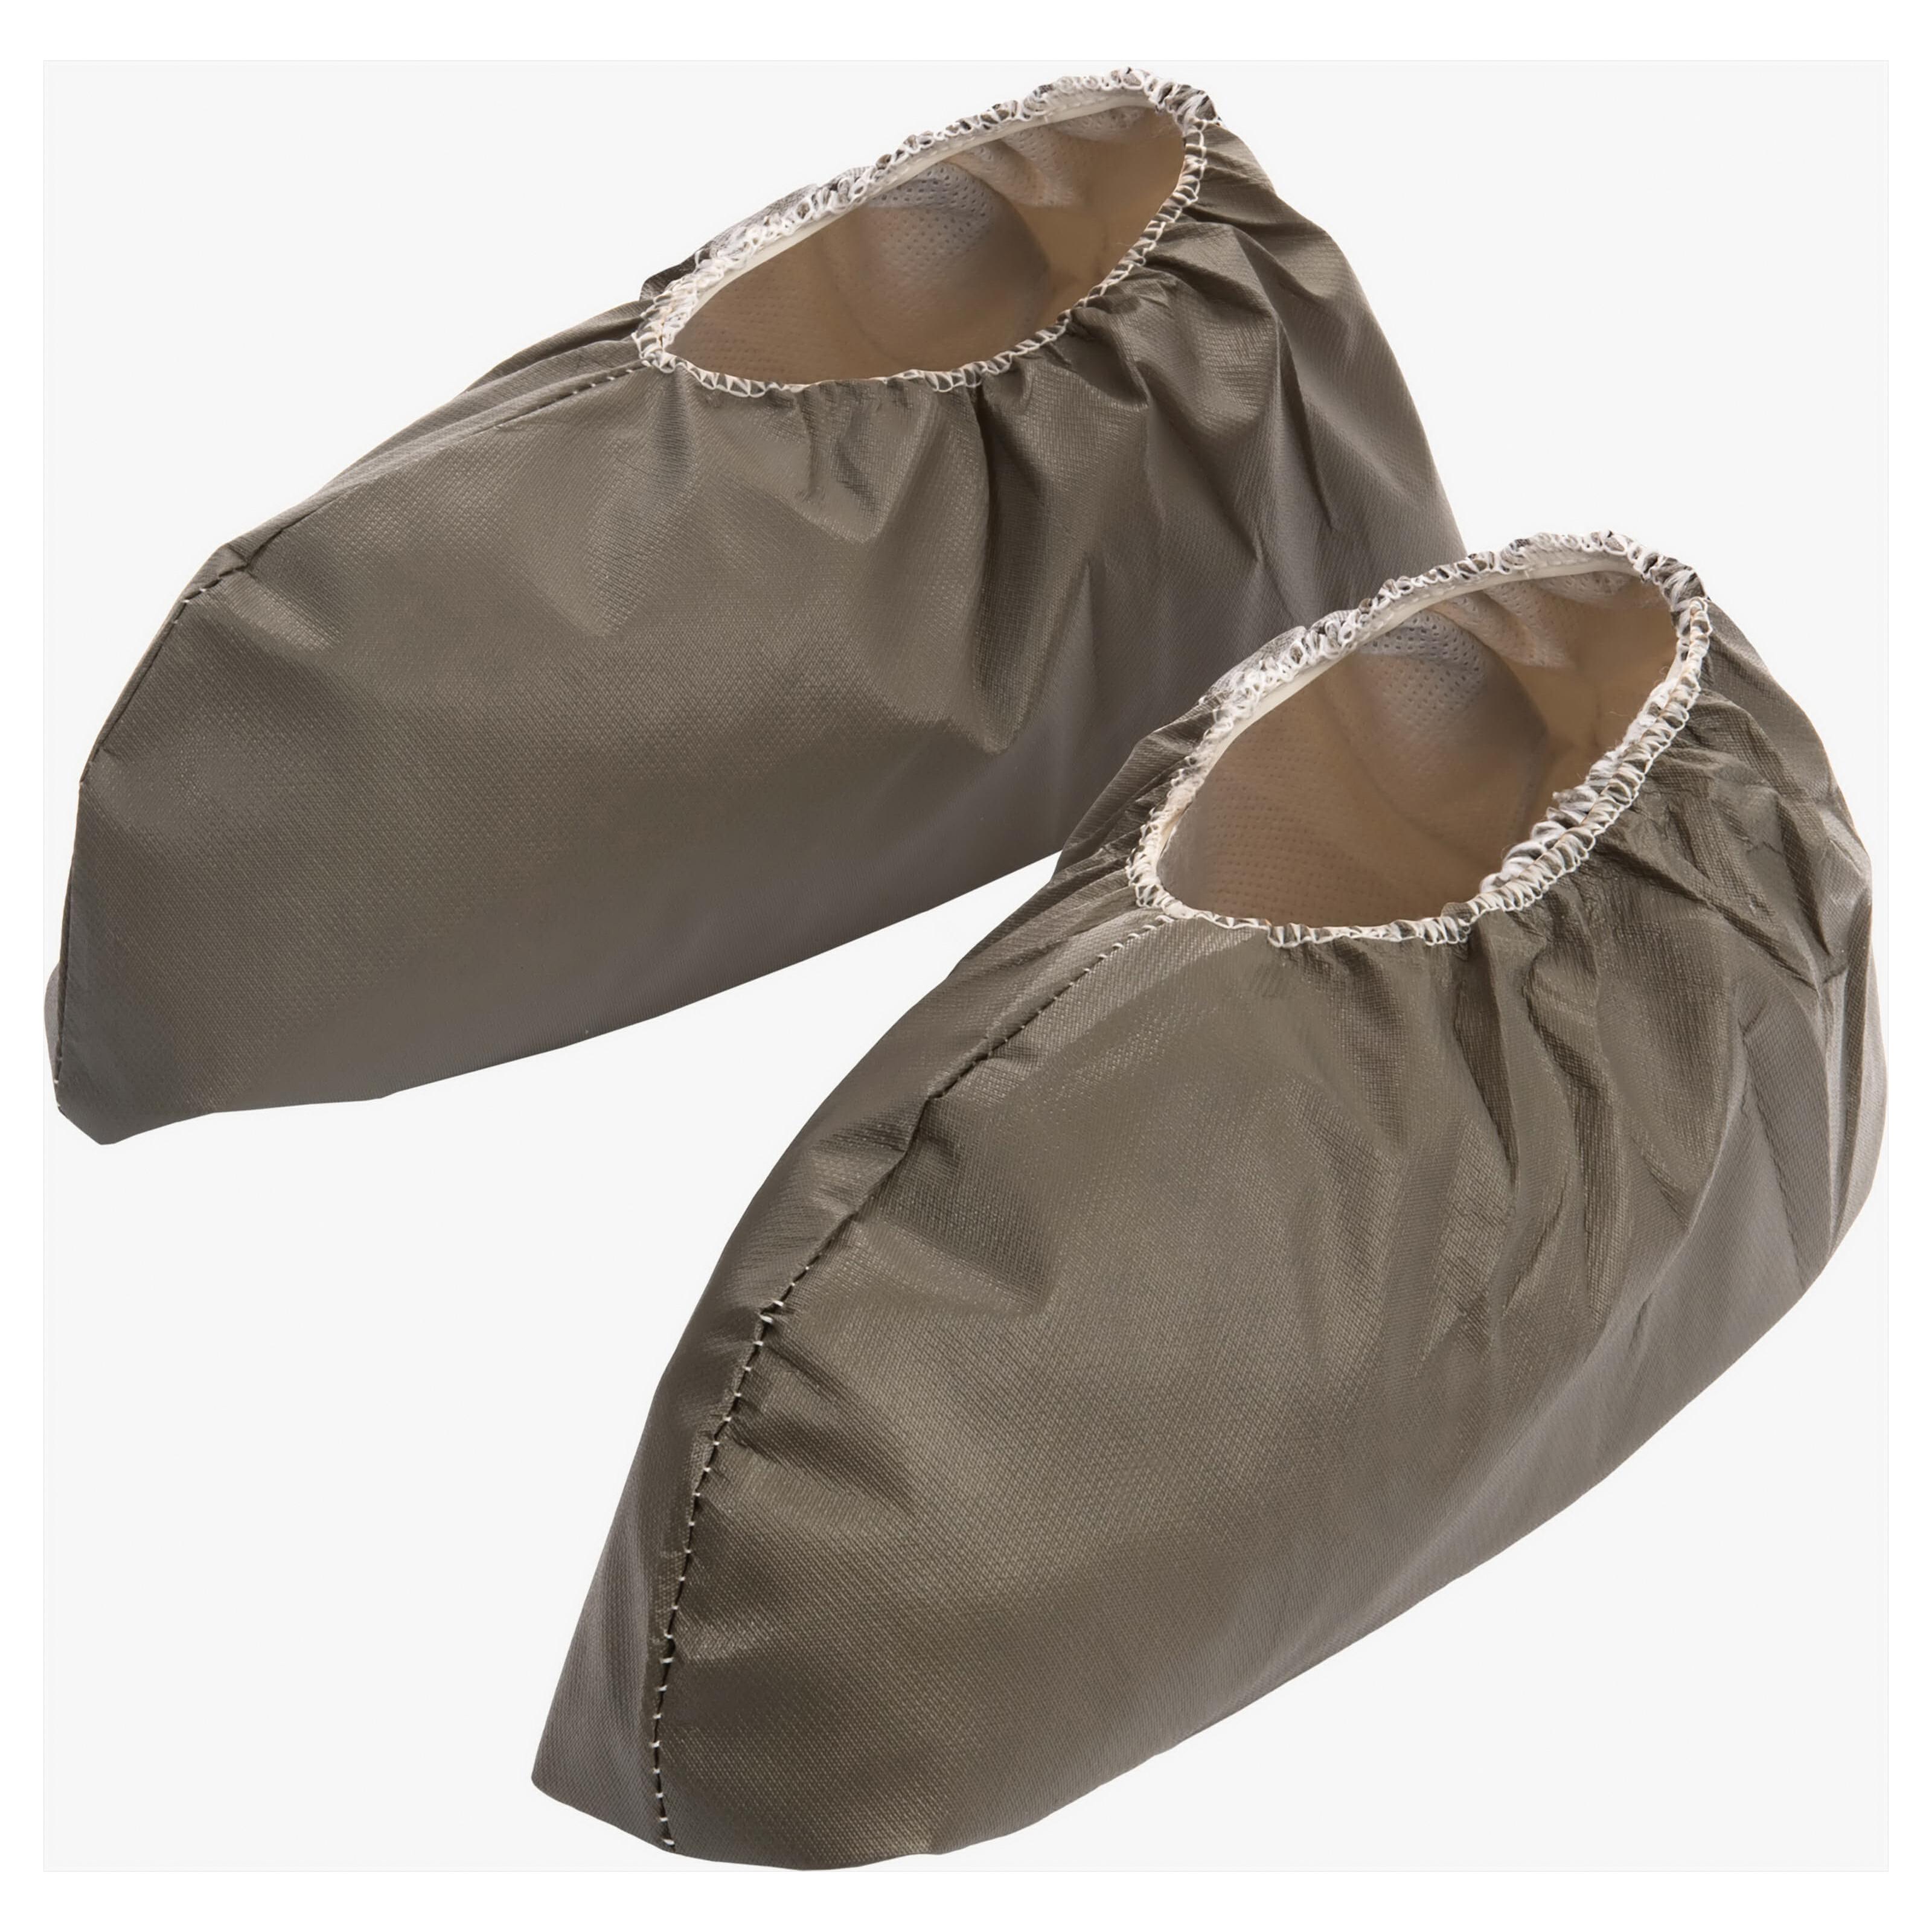 Lakeland® 901NSP-XL Non-Skid Shoe Cover, XL Fits Shoe, White, Elastic Ankle Closure, MicroMax® NS Outsole, Resists: Chemical and Splash, ASTM D3776, D5034, D1117, D3787, D737, F903, EN1149-5:2006